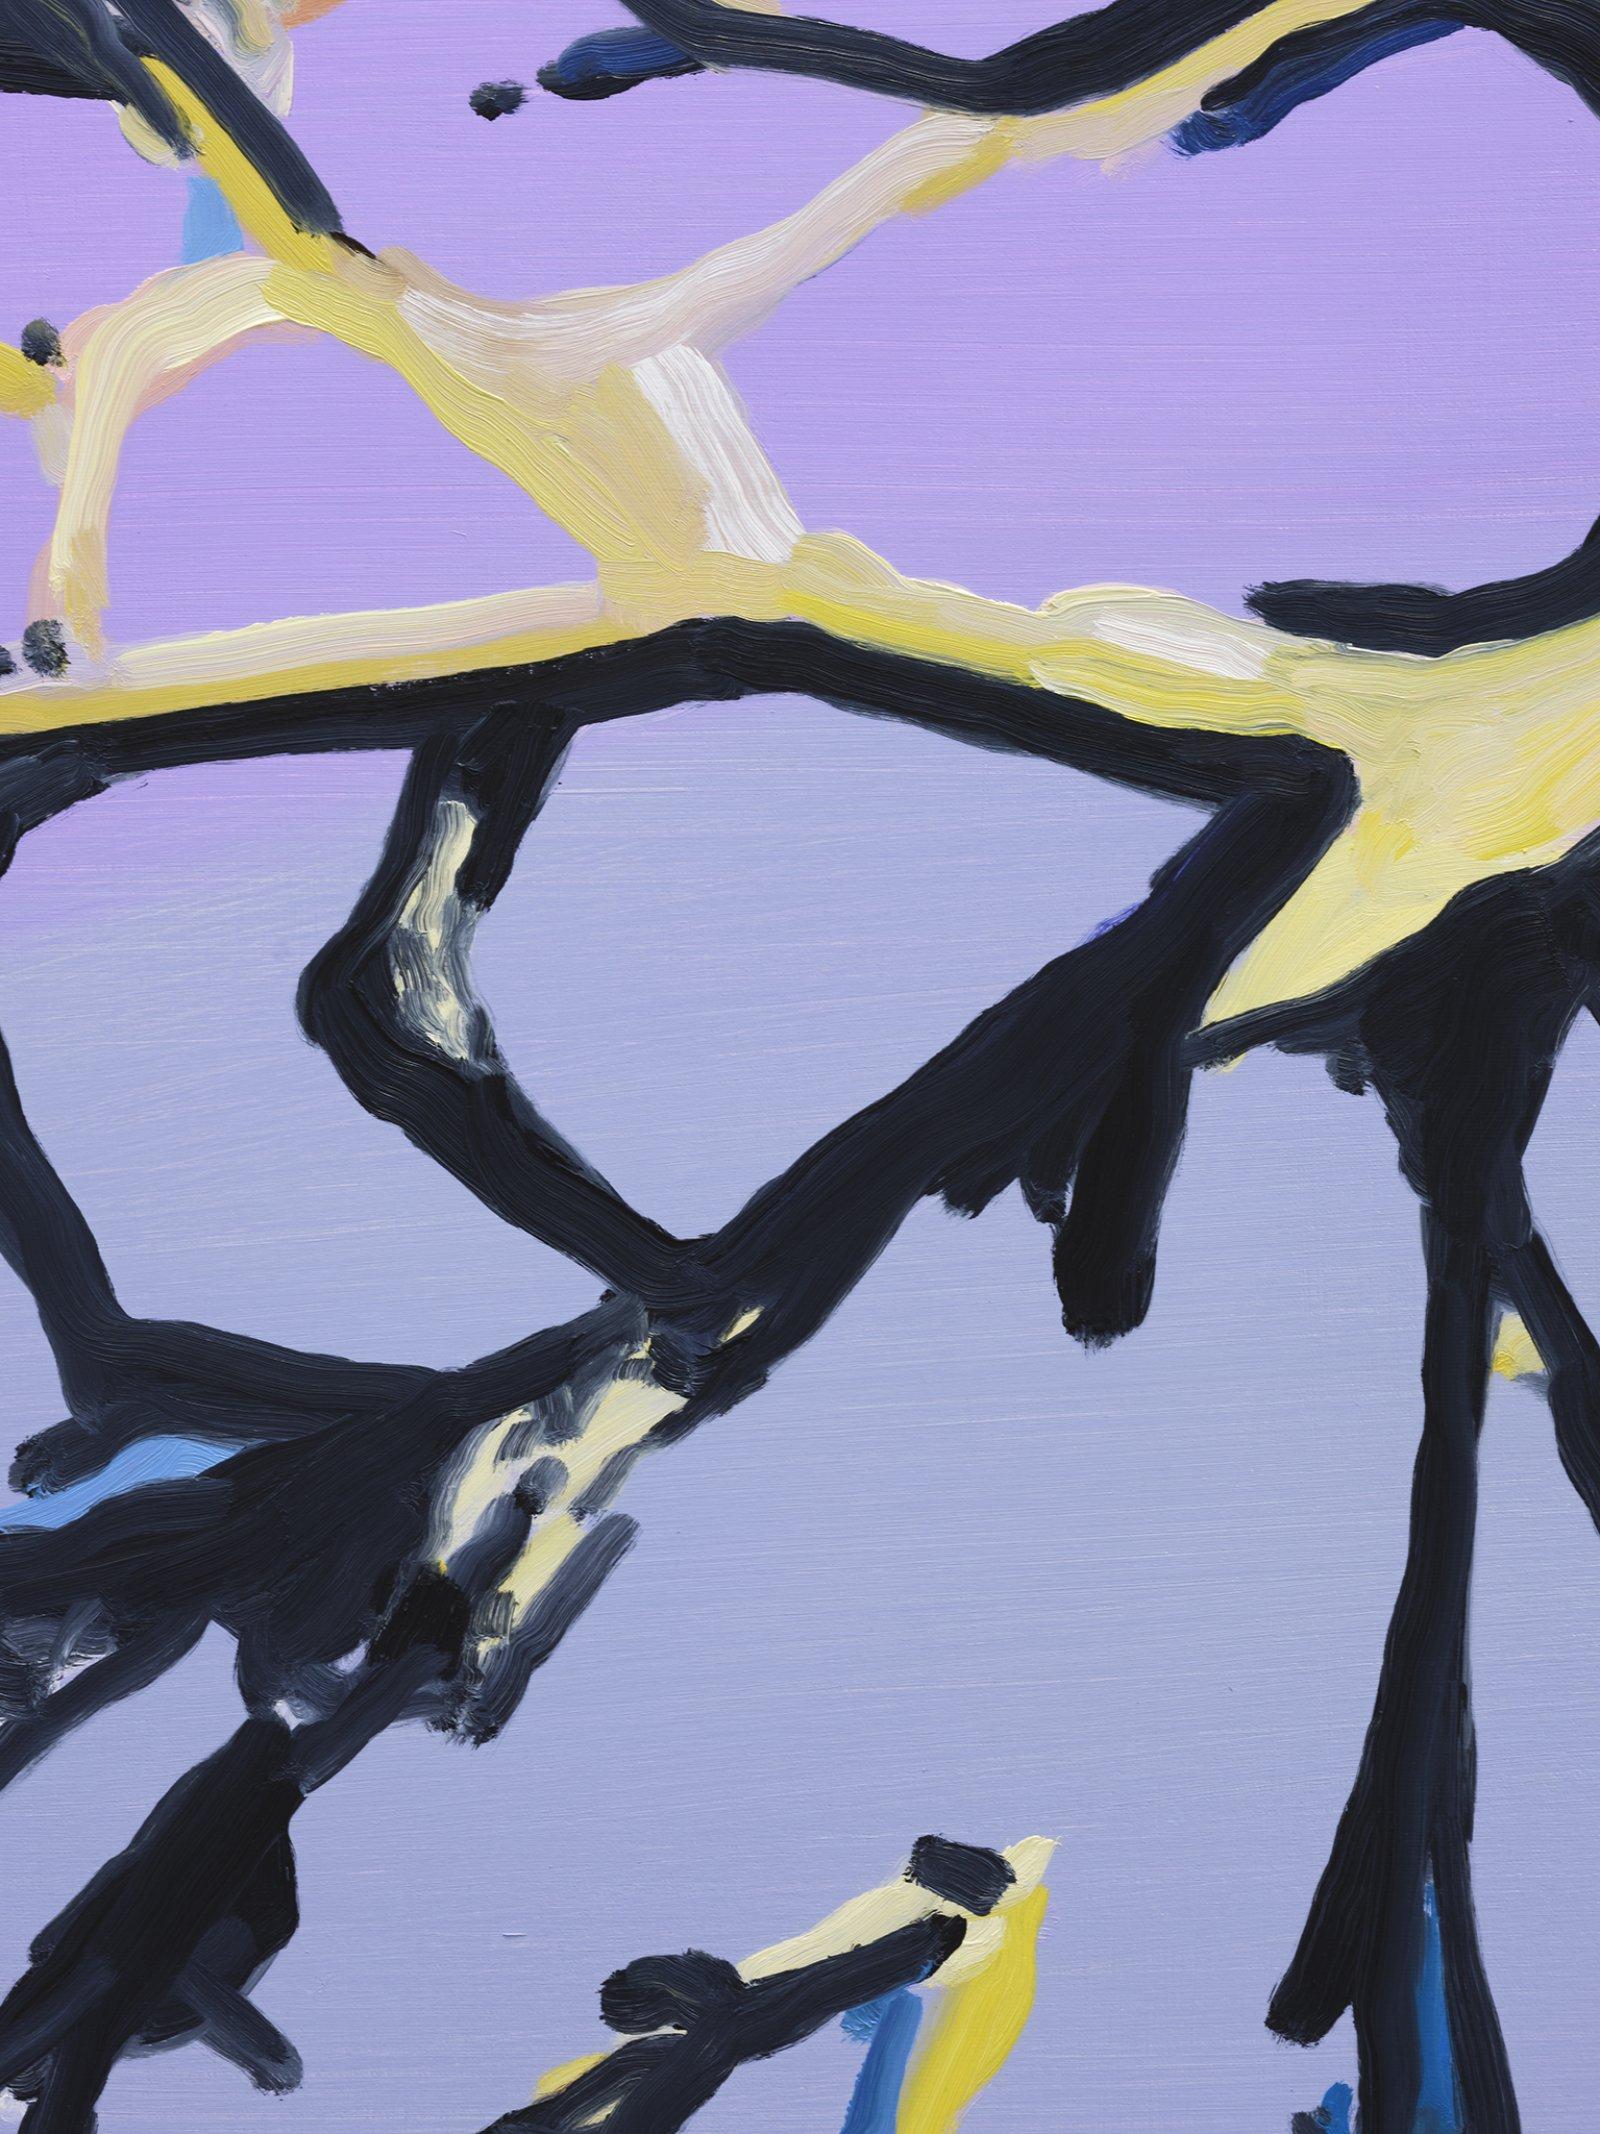 Elizabeth McIntosh, Bent Tree (detail), 2020, oil on canvas, 69 x 58 in. (175 x 147 cm) by Elizabeth McIntosh